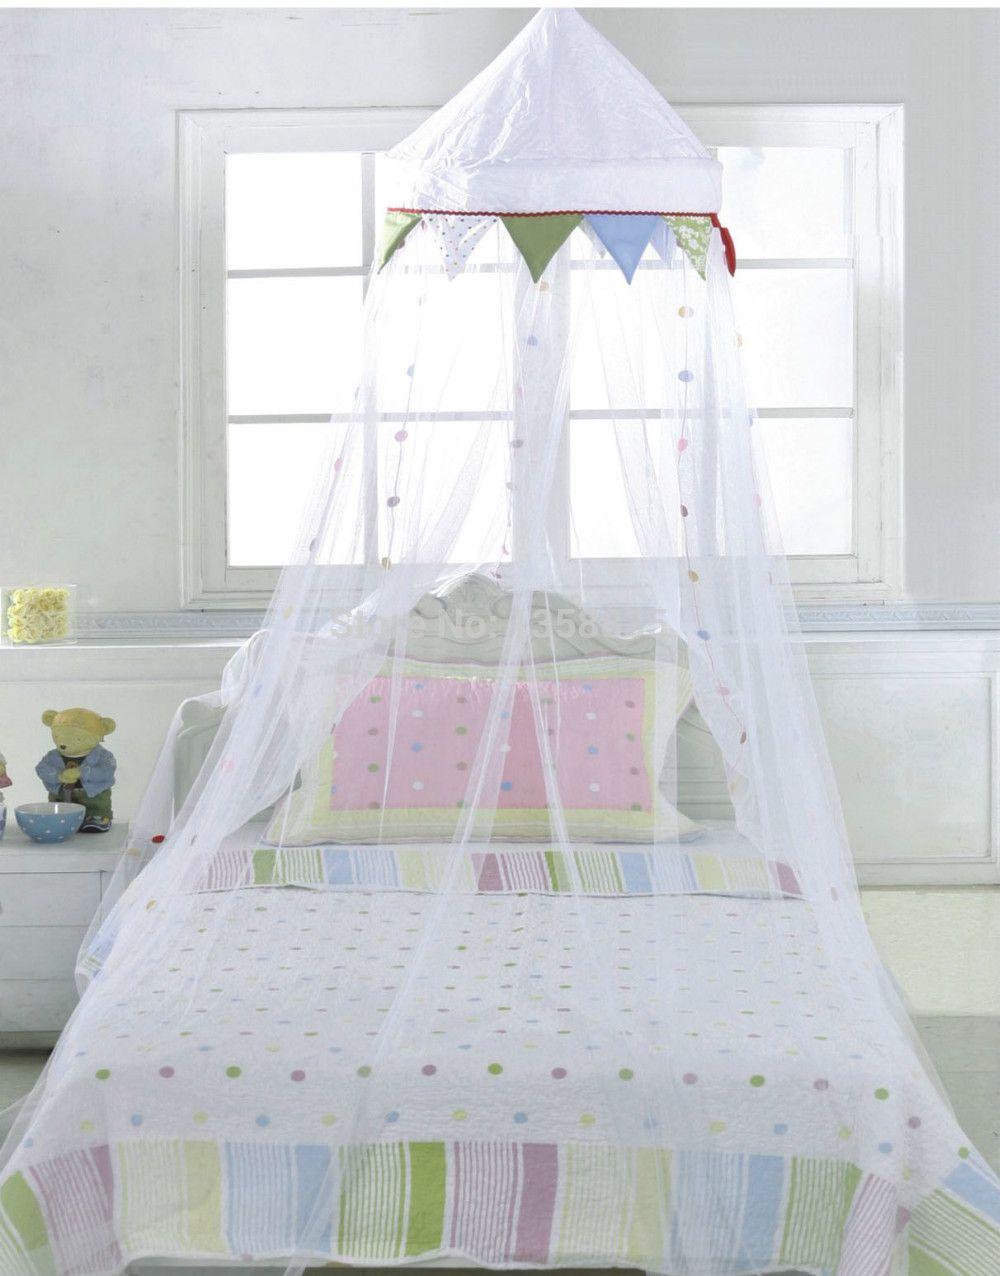 free shippinig ikea child bed baby mosquito net gauze folding dome